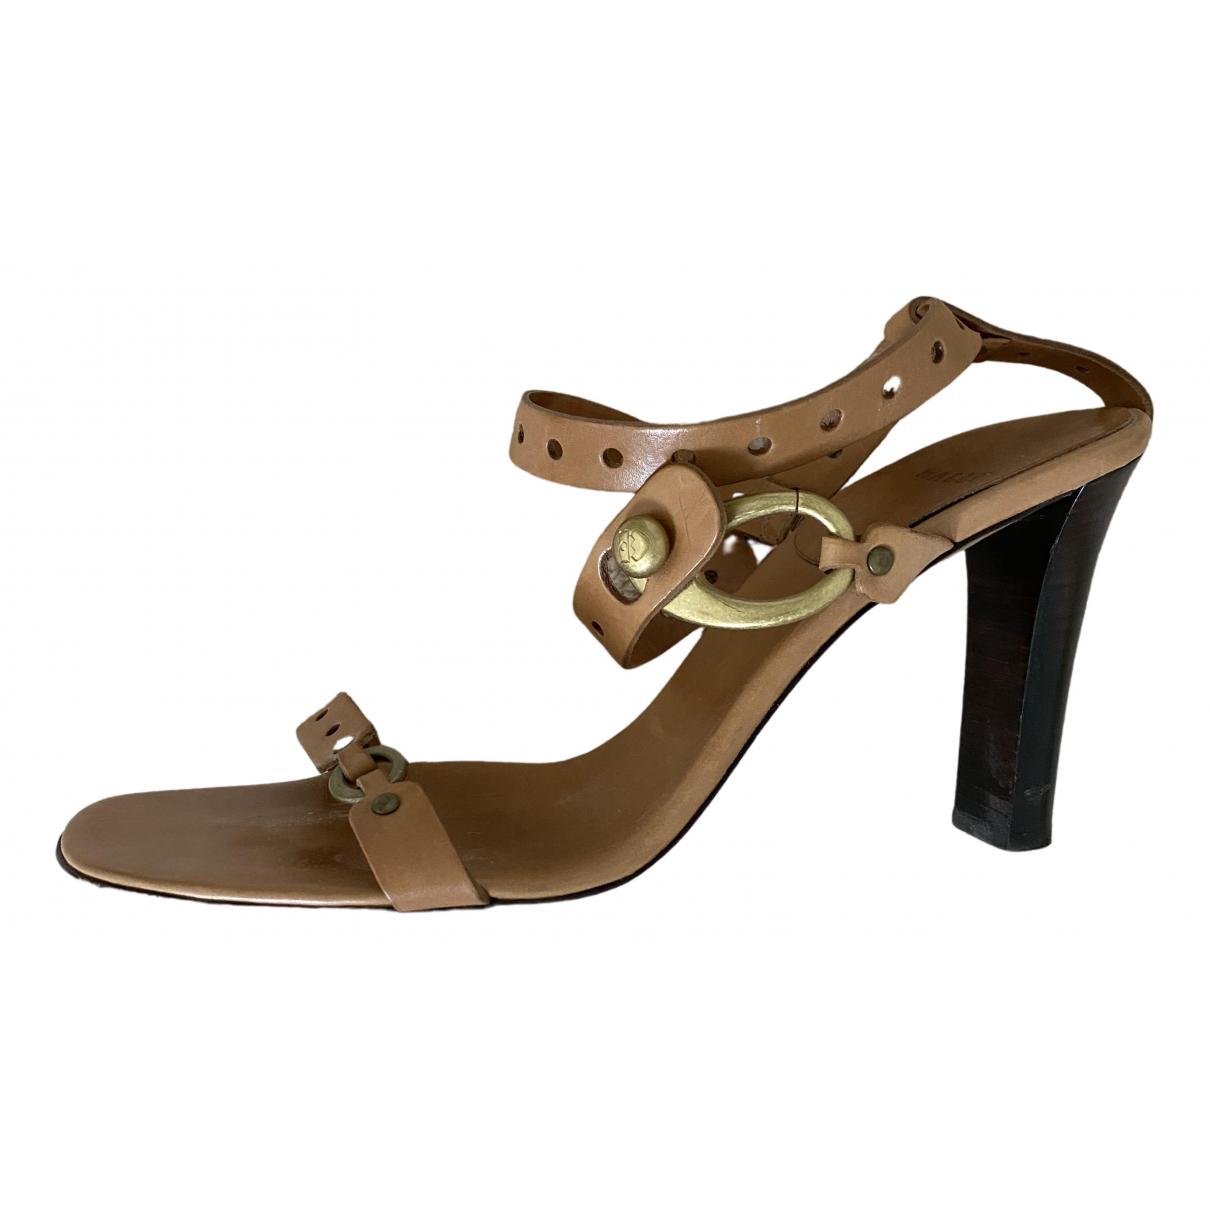 Sandalias romanas de Cuero Bally